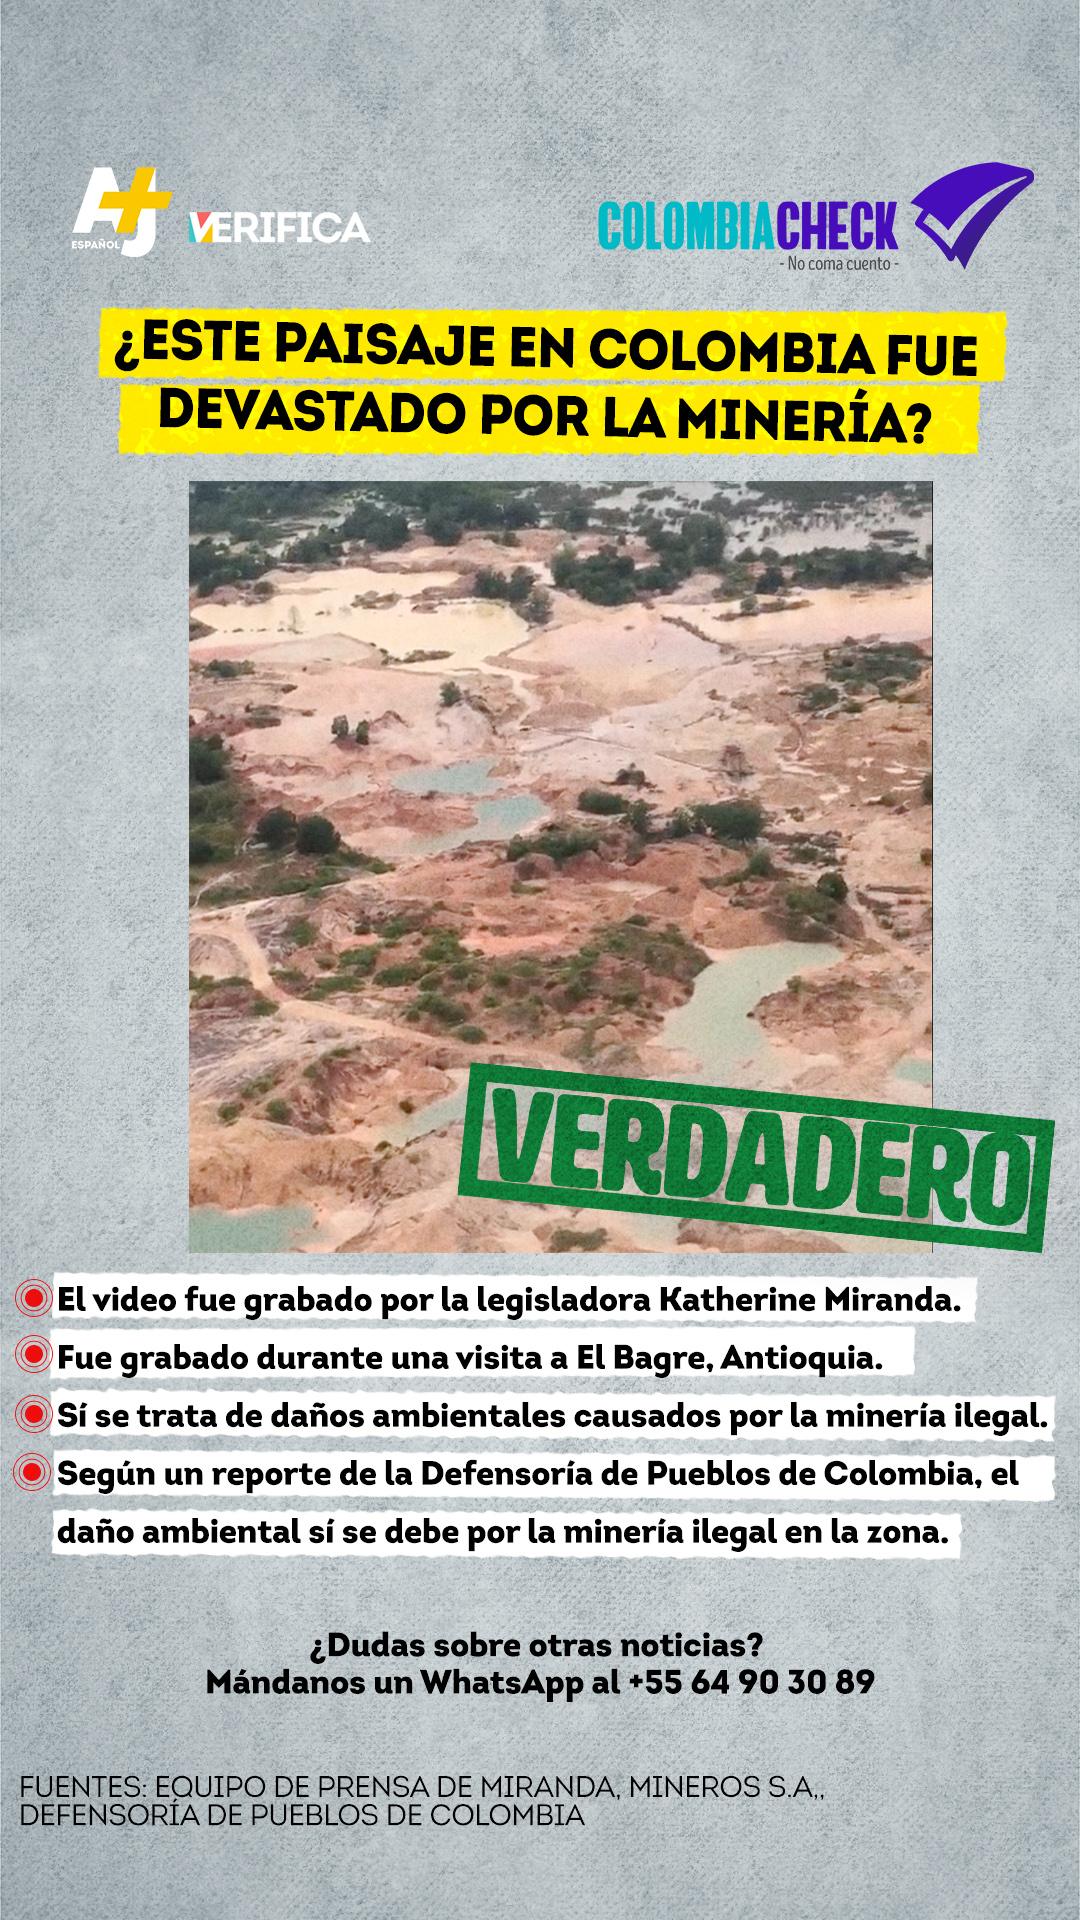 Chequeo infografía sobre contaminación por minería en Antioquia